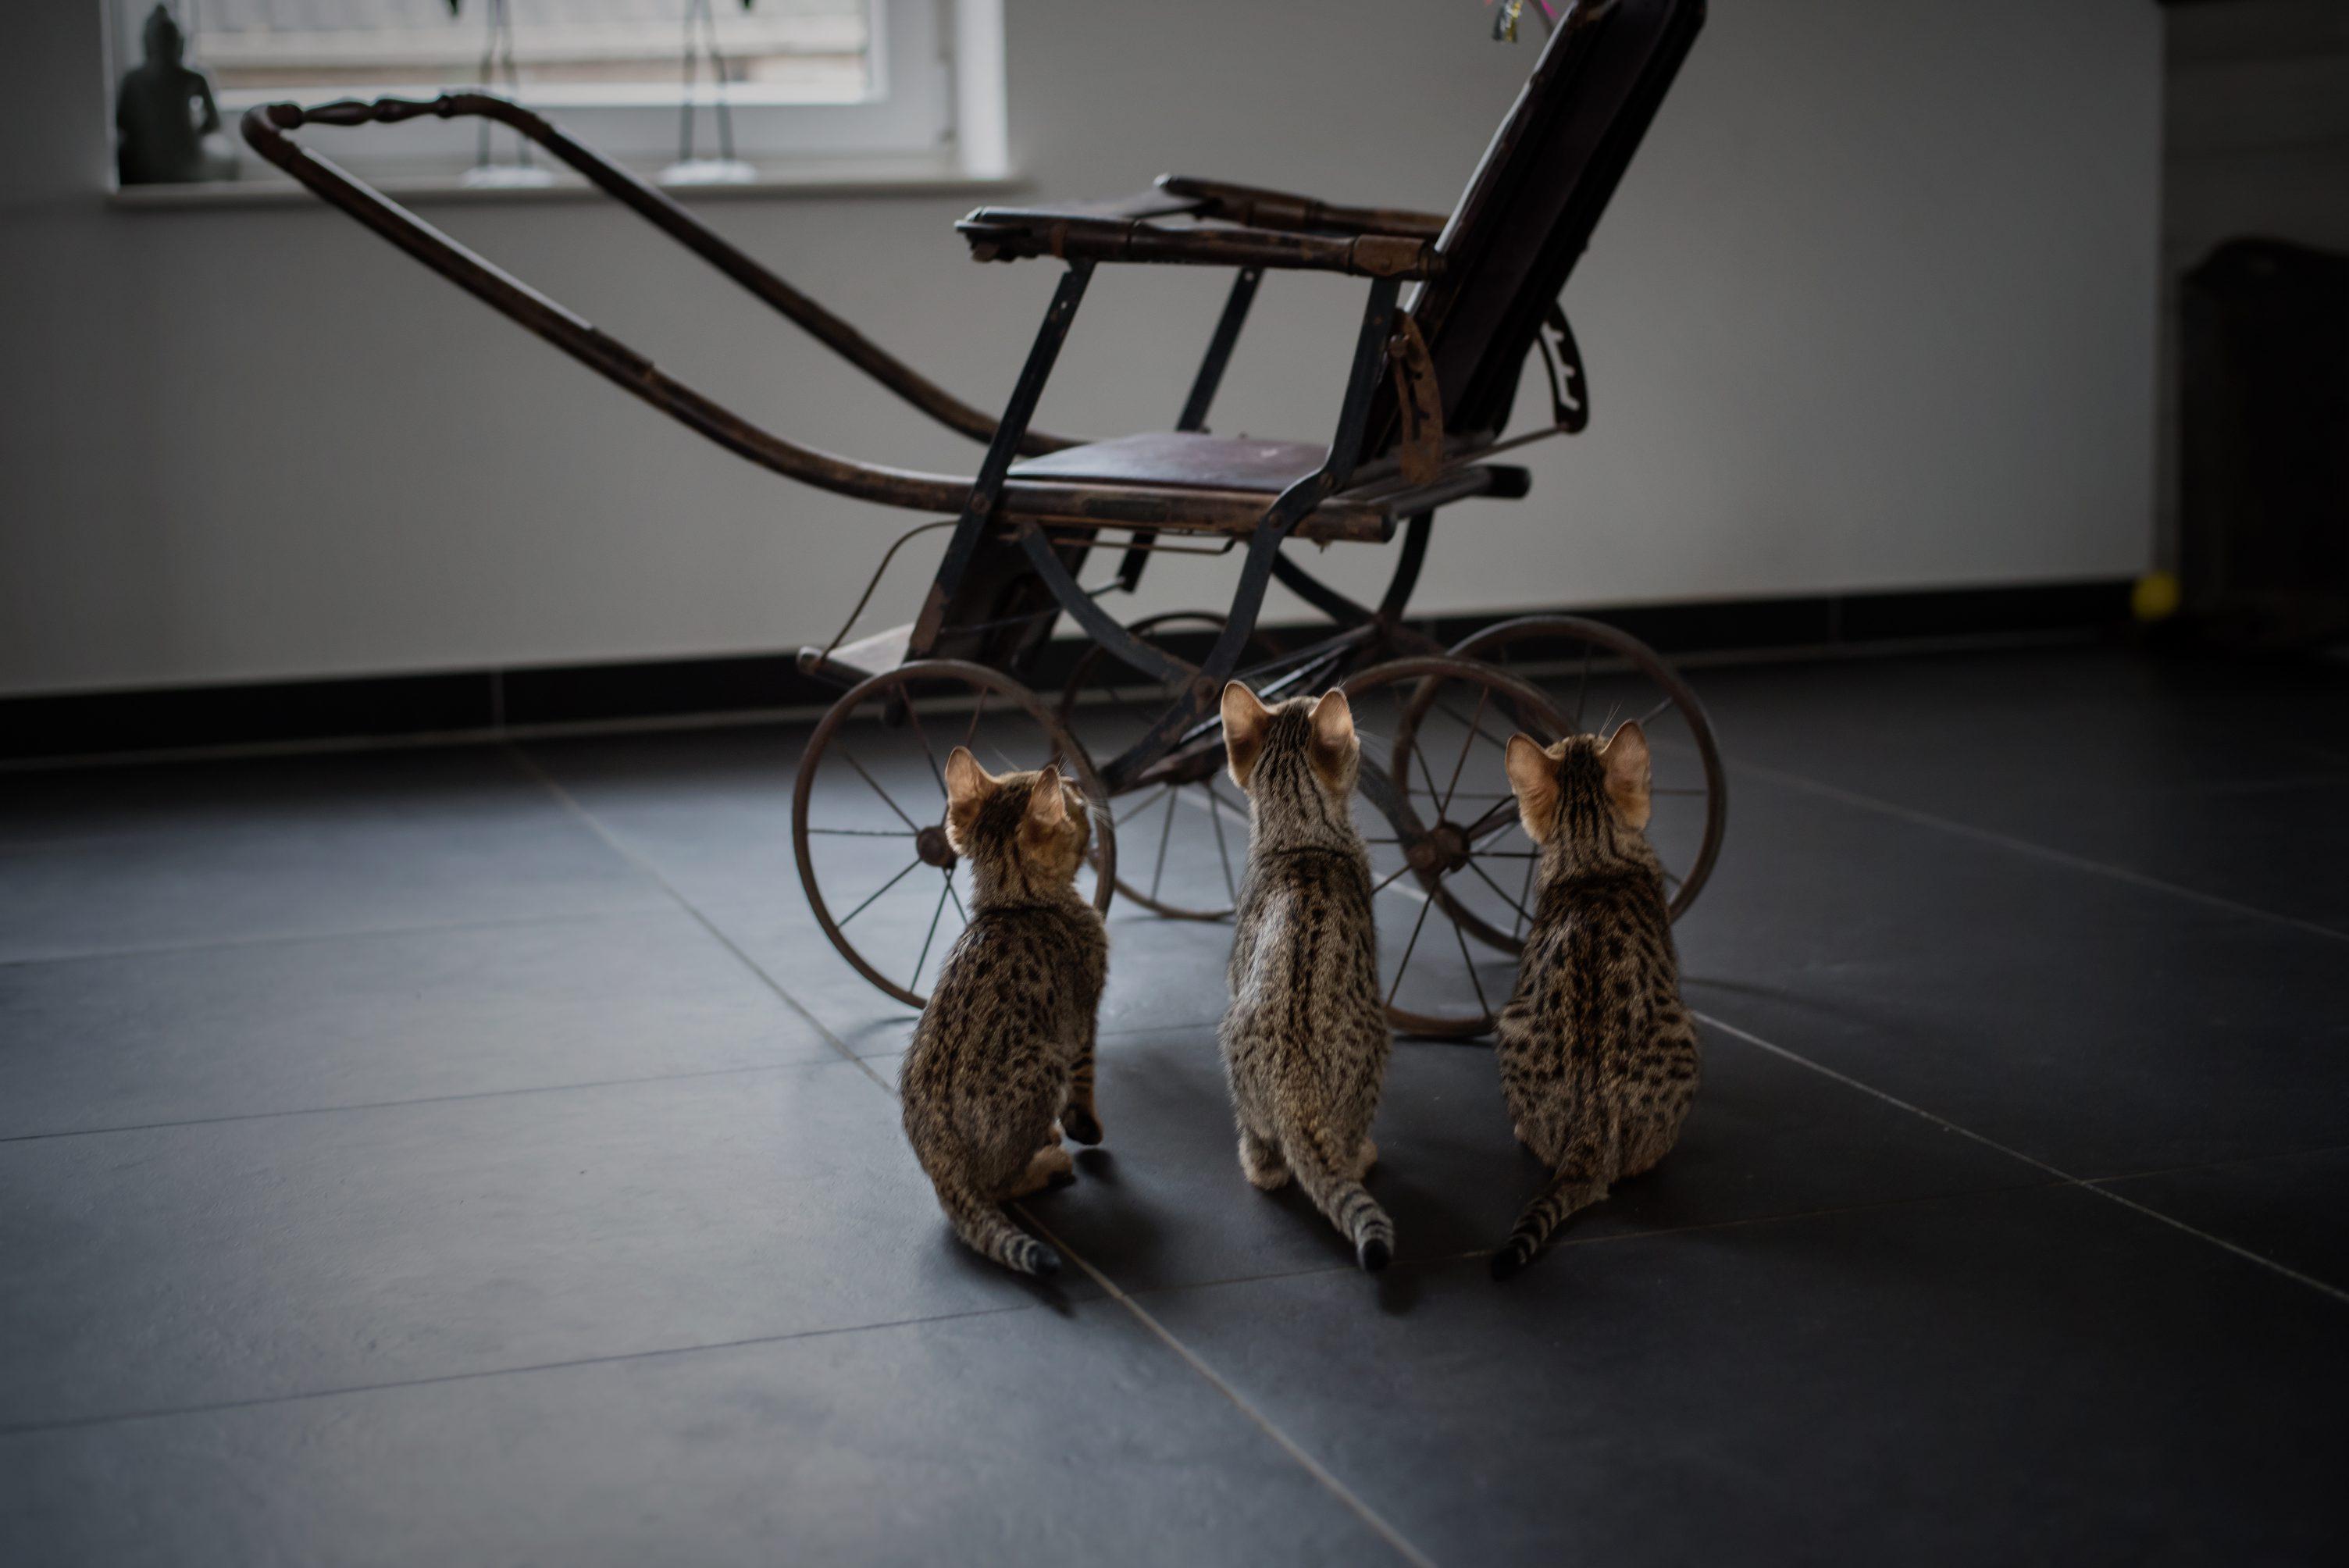 Savannah kittens photoshoot